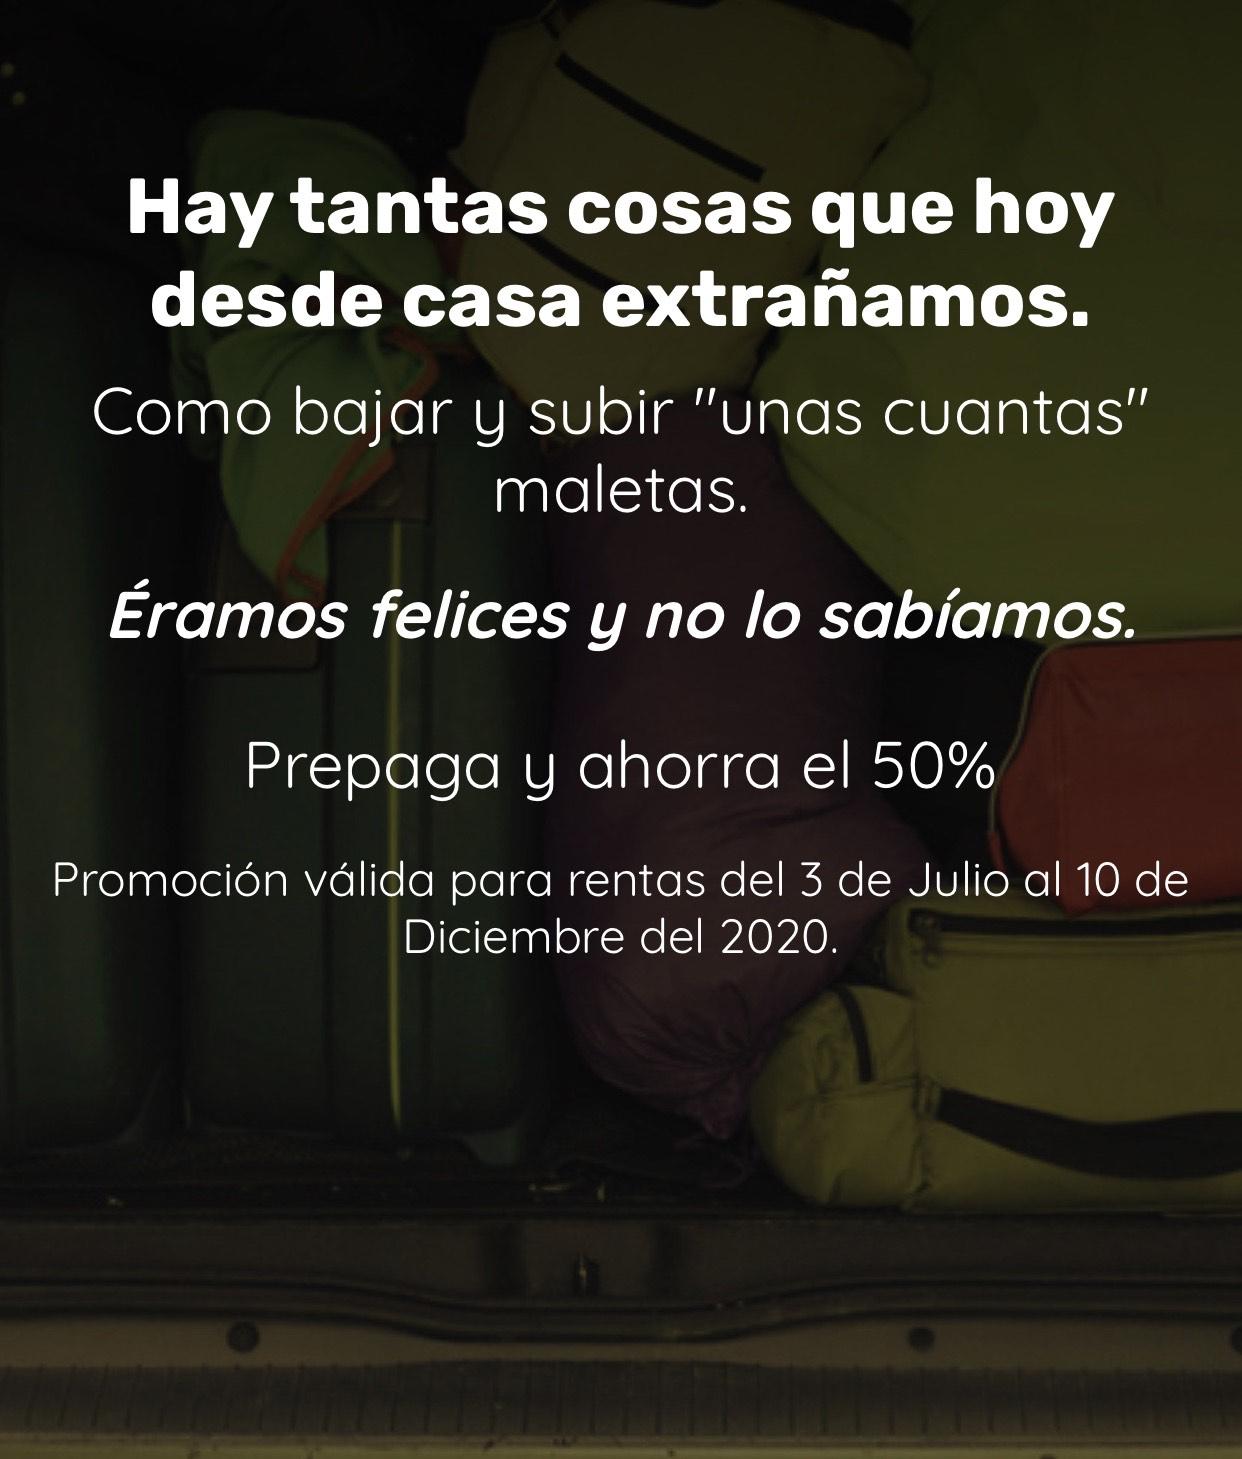 AVIS Prepaga Hoy Con 50% Y Usalo Cuando Quieras hasta dic.